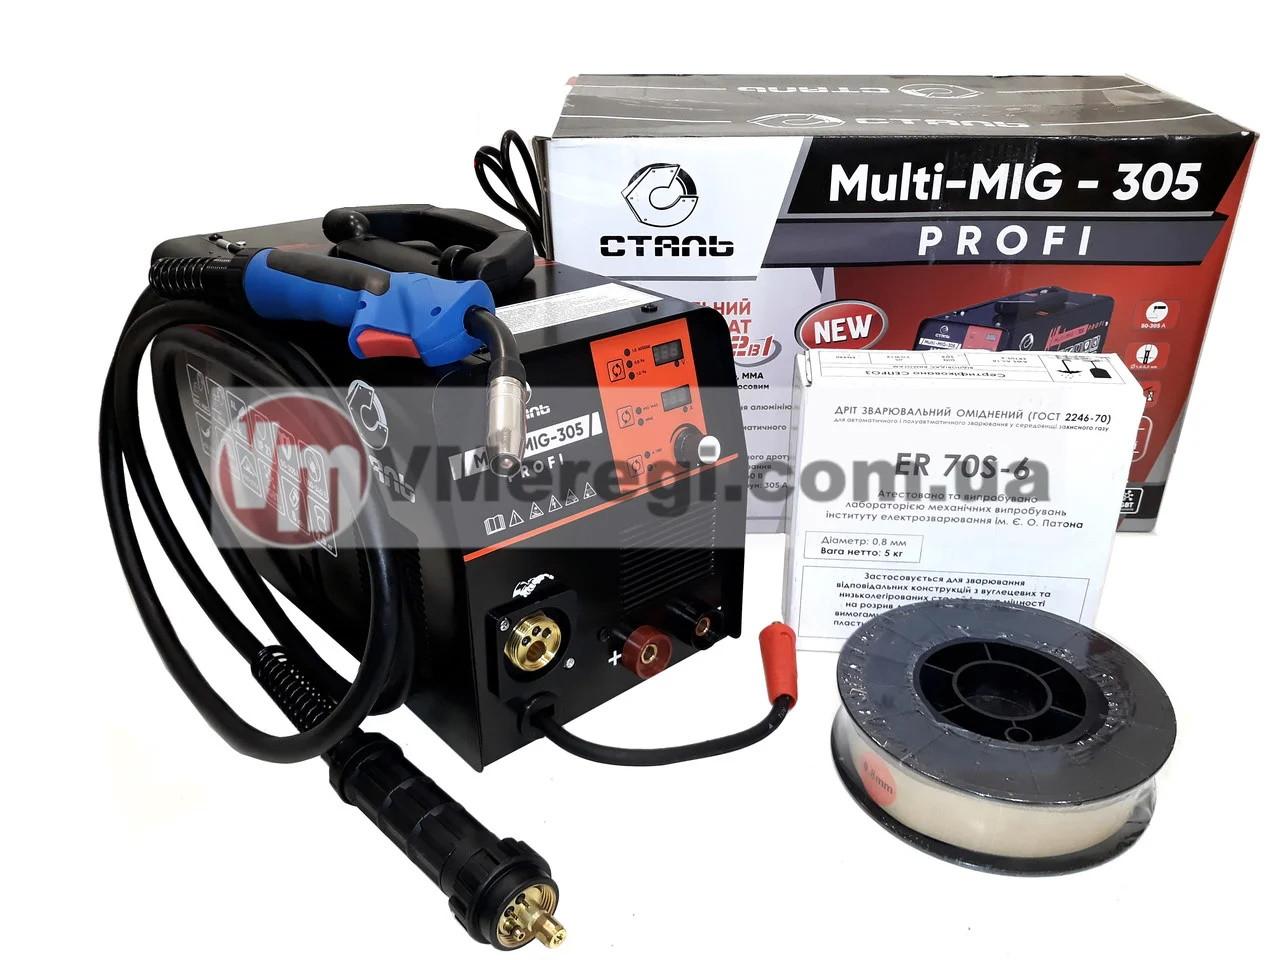 Сварочный полуавтомат инверторный Сталь MULTI-MIG-325 PROFI + Омедненная сварочная проволока (0,8 мм; 5 кг)